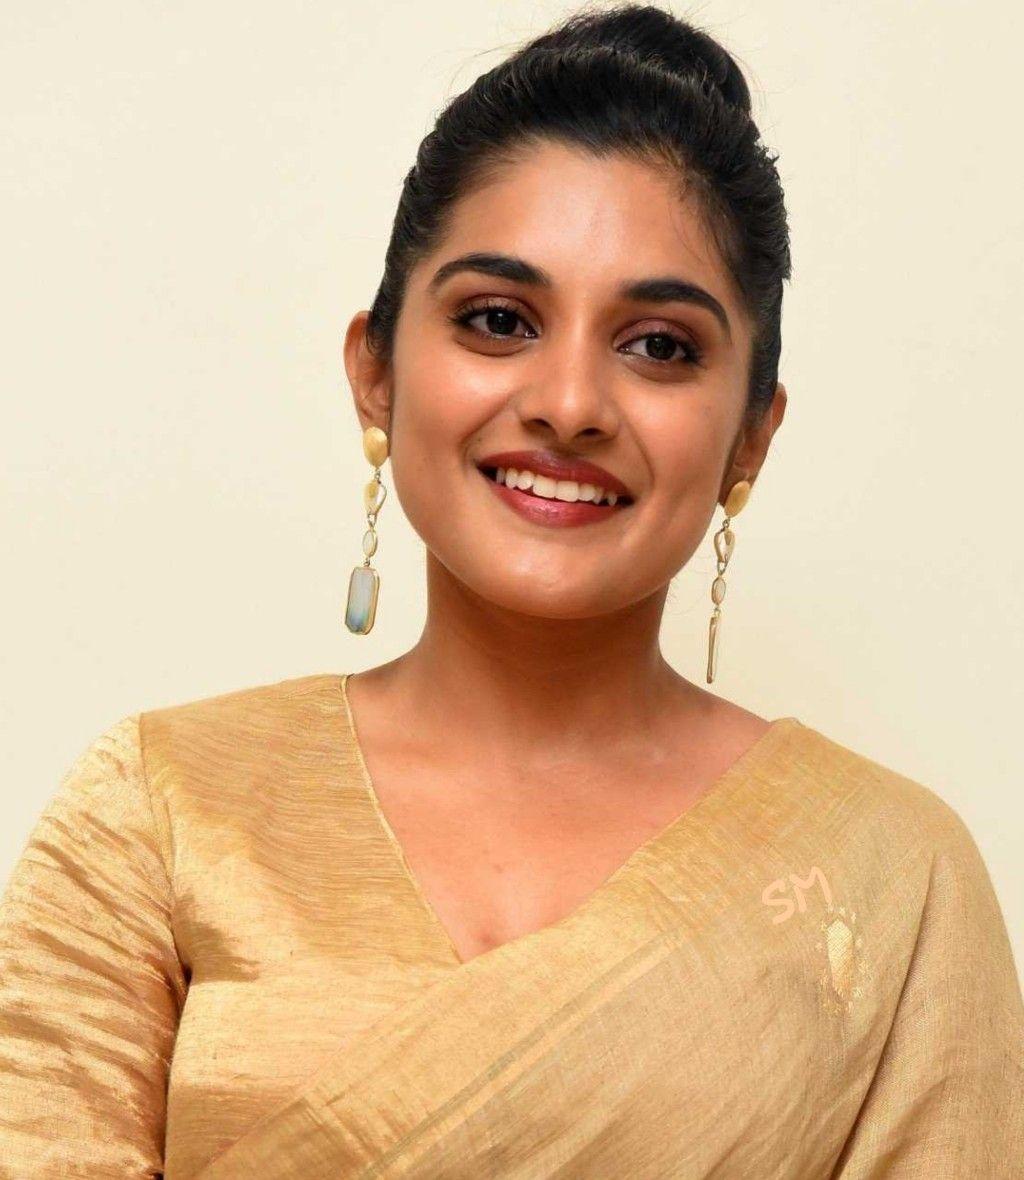 Pin by Love Ananya on Nivetha Thomas in 2020 Most